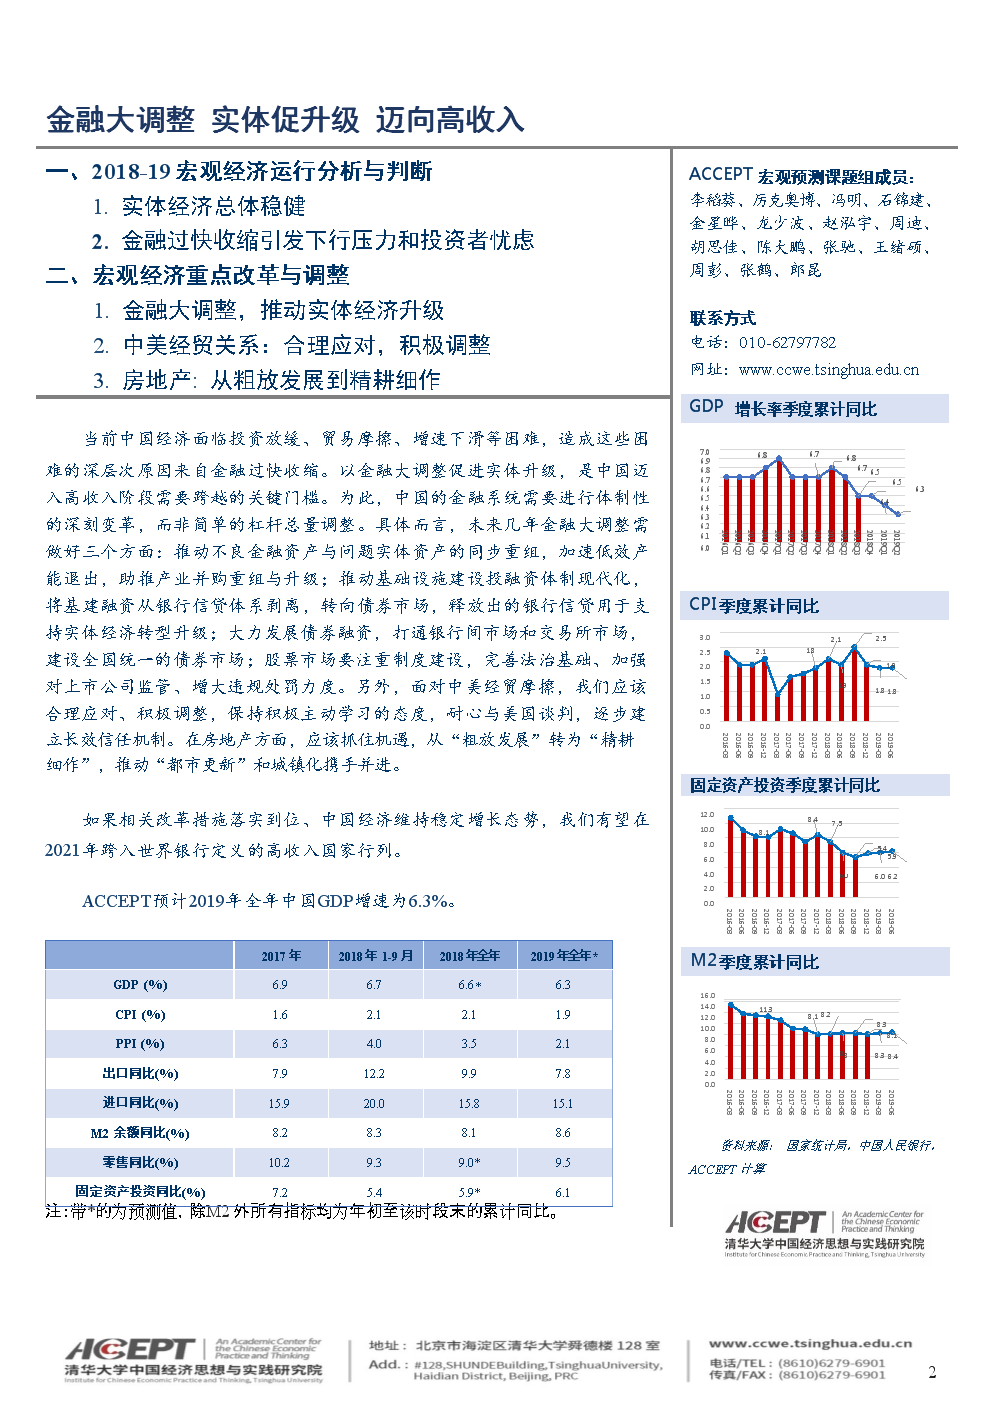 钢结构理制度_二是归咎于人口结构,认为人口年龄结构老龄化使中国经济承压,\